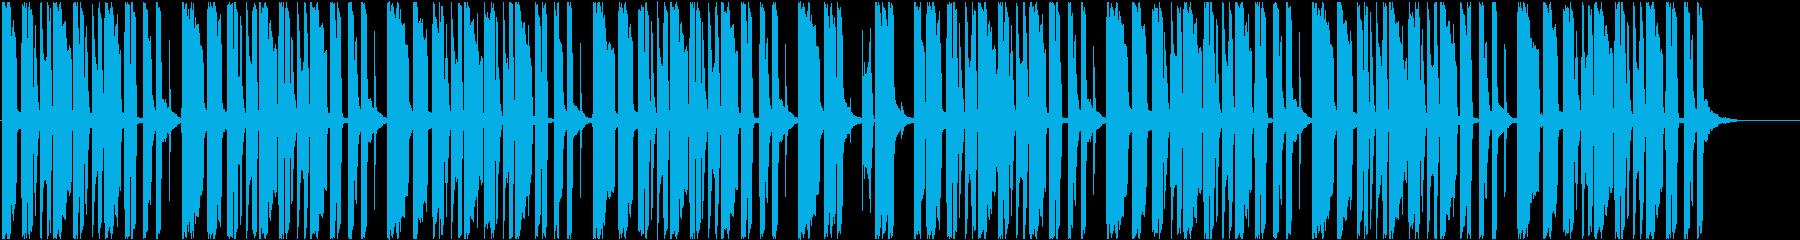 クダグダ/ゲームオーバー/残念の再生済みの波形